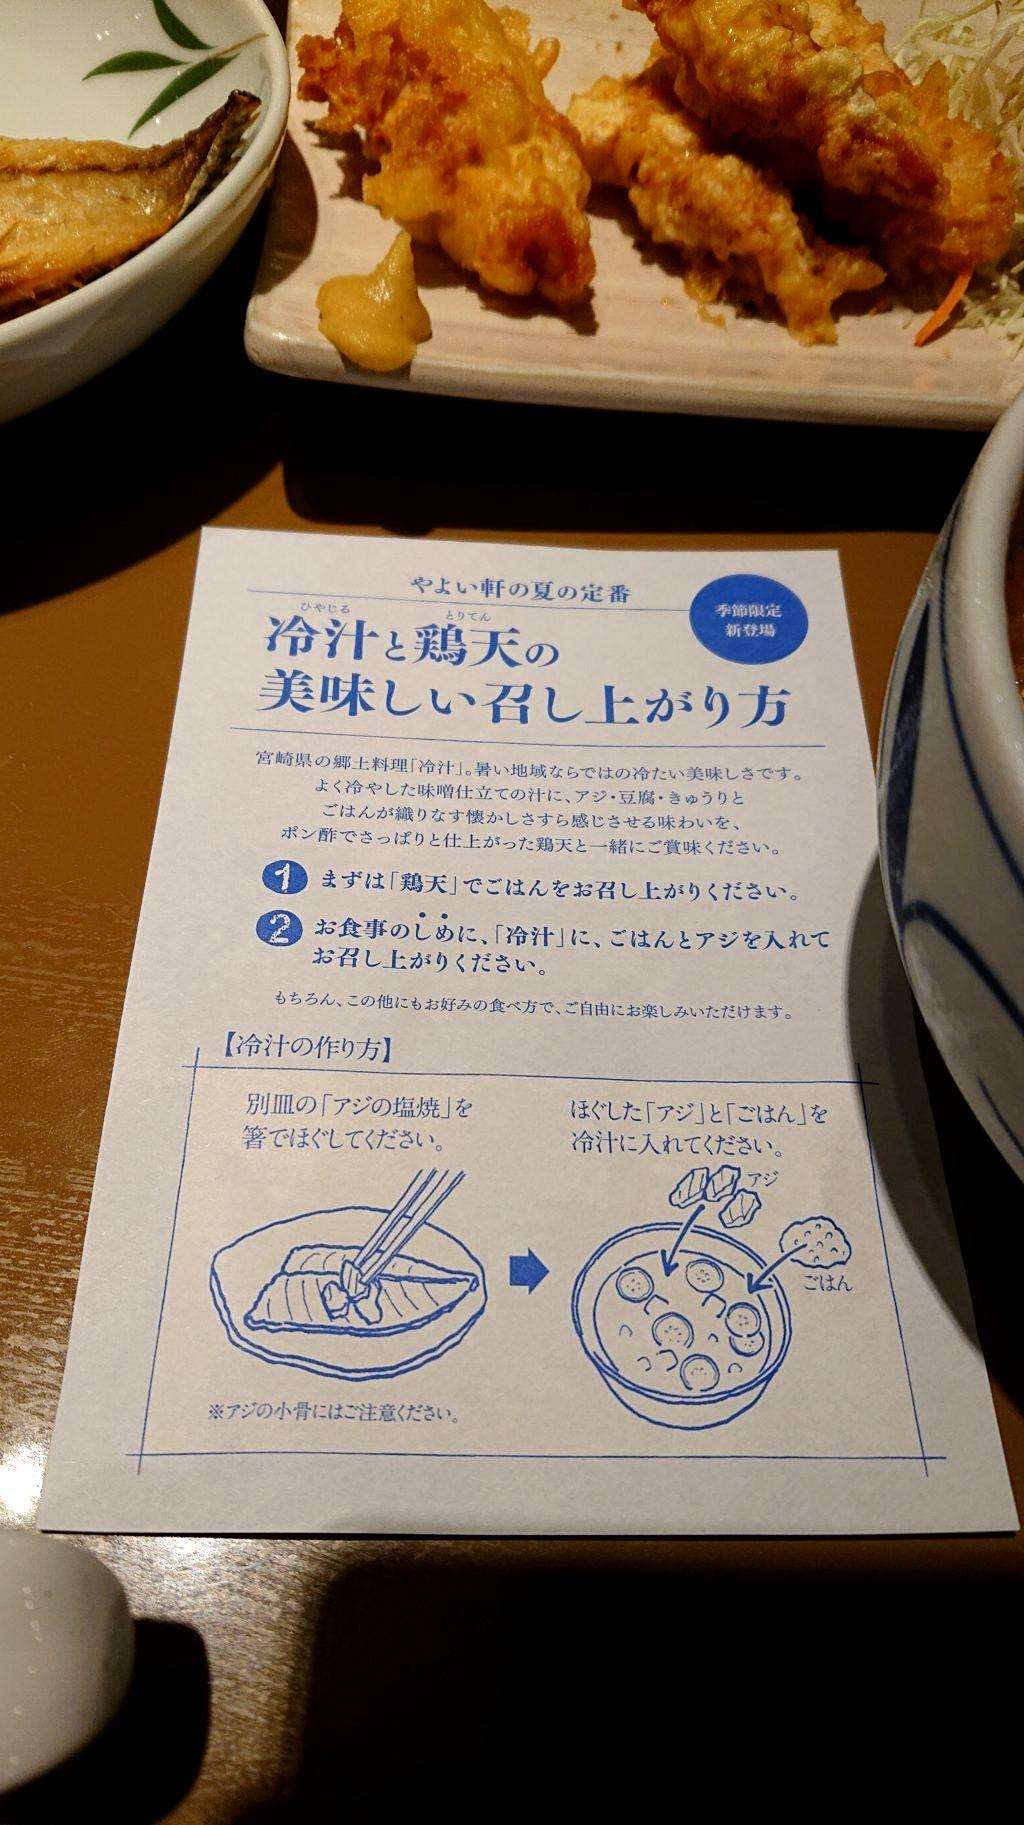 冷汁と鶏天の定食の食べ方